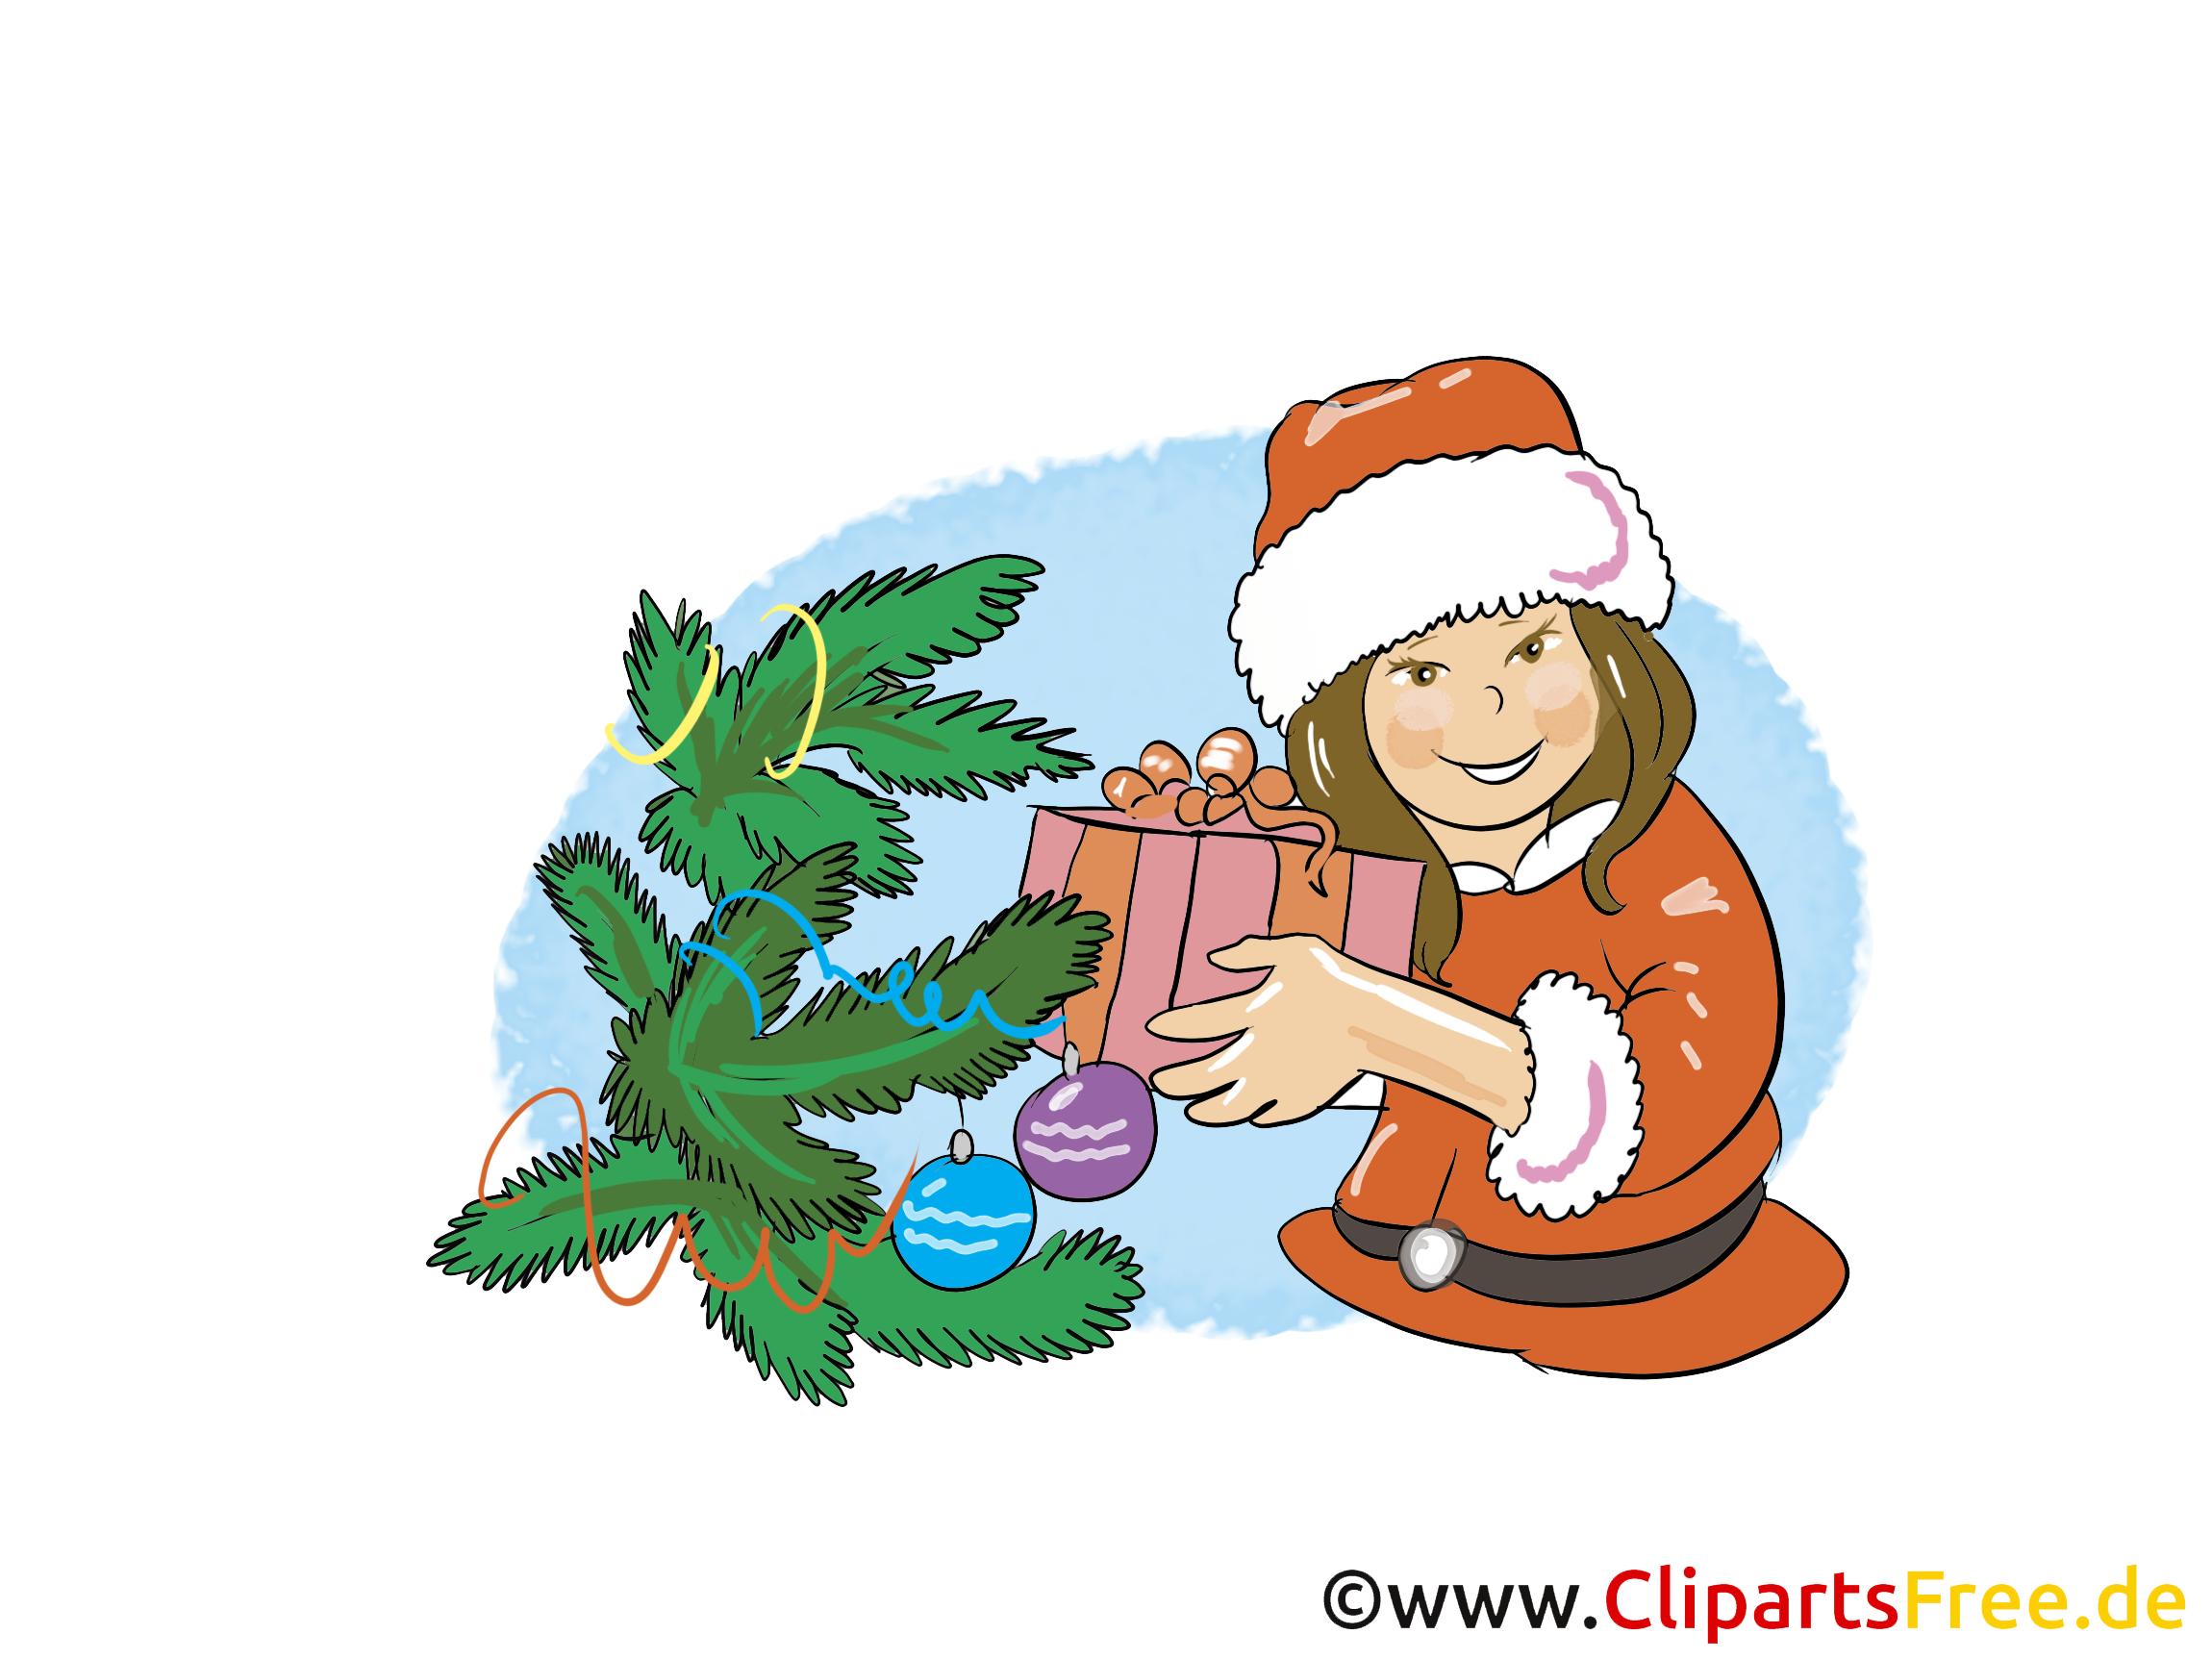 Glückwunschkarte Silvester Clipart, Bild, Cartoon gratis